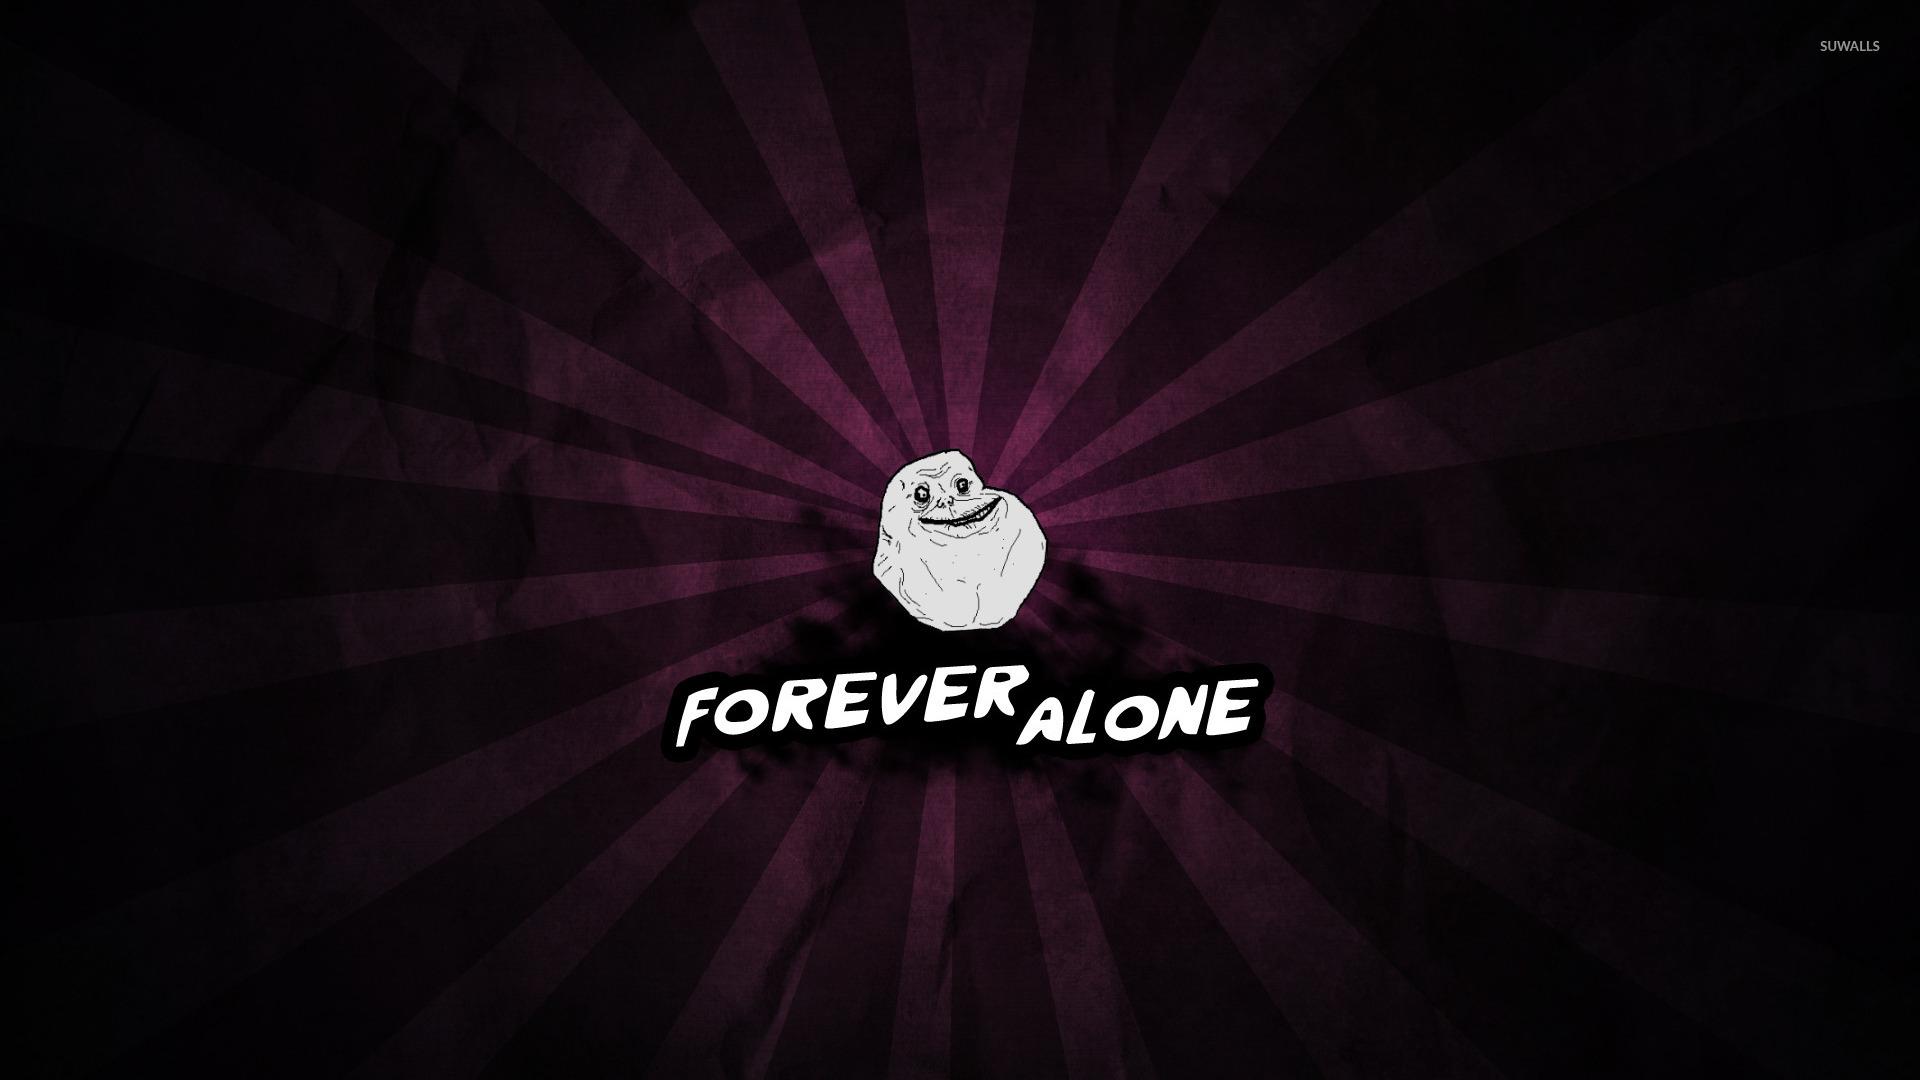 Forever alone wallpaper   Meme wallpapers   9457 1920x1080